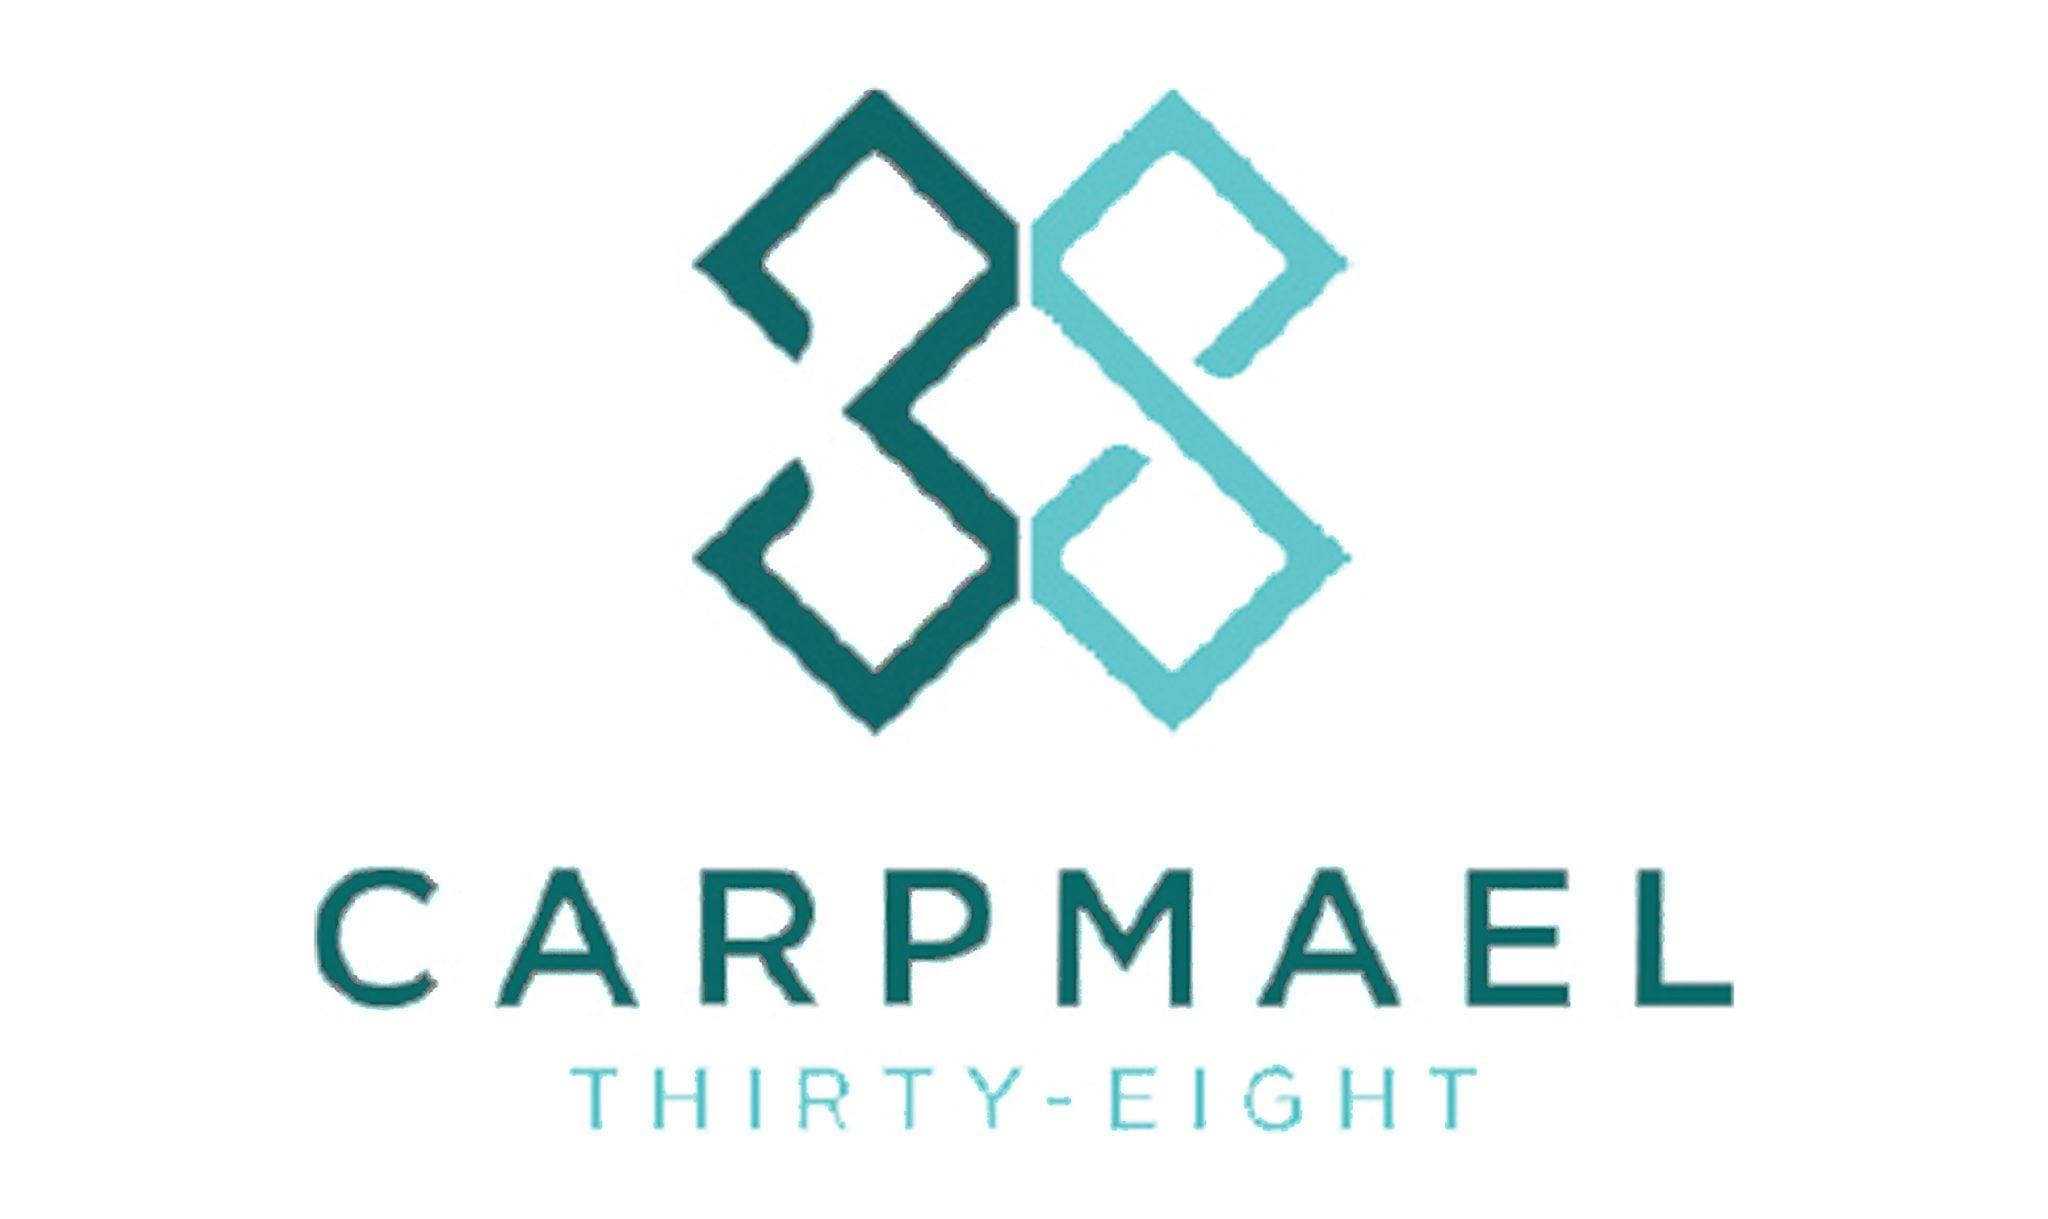 Carpmael-38-Logo